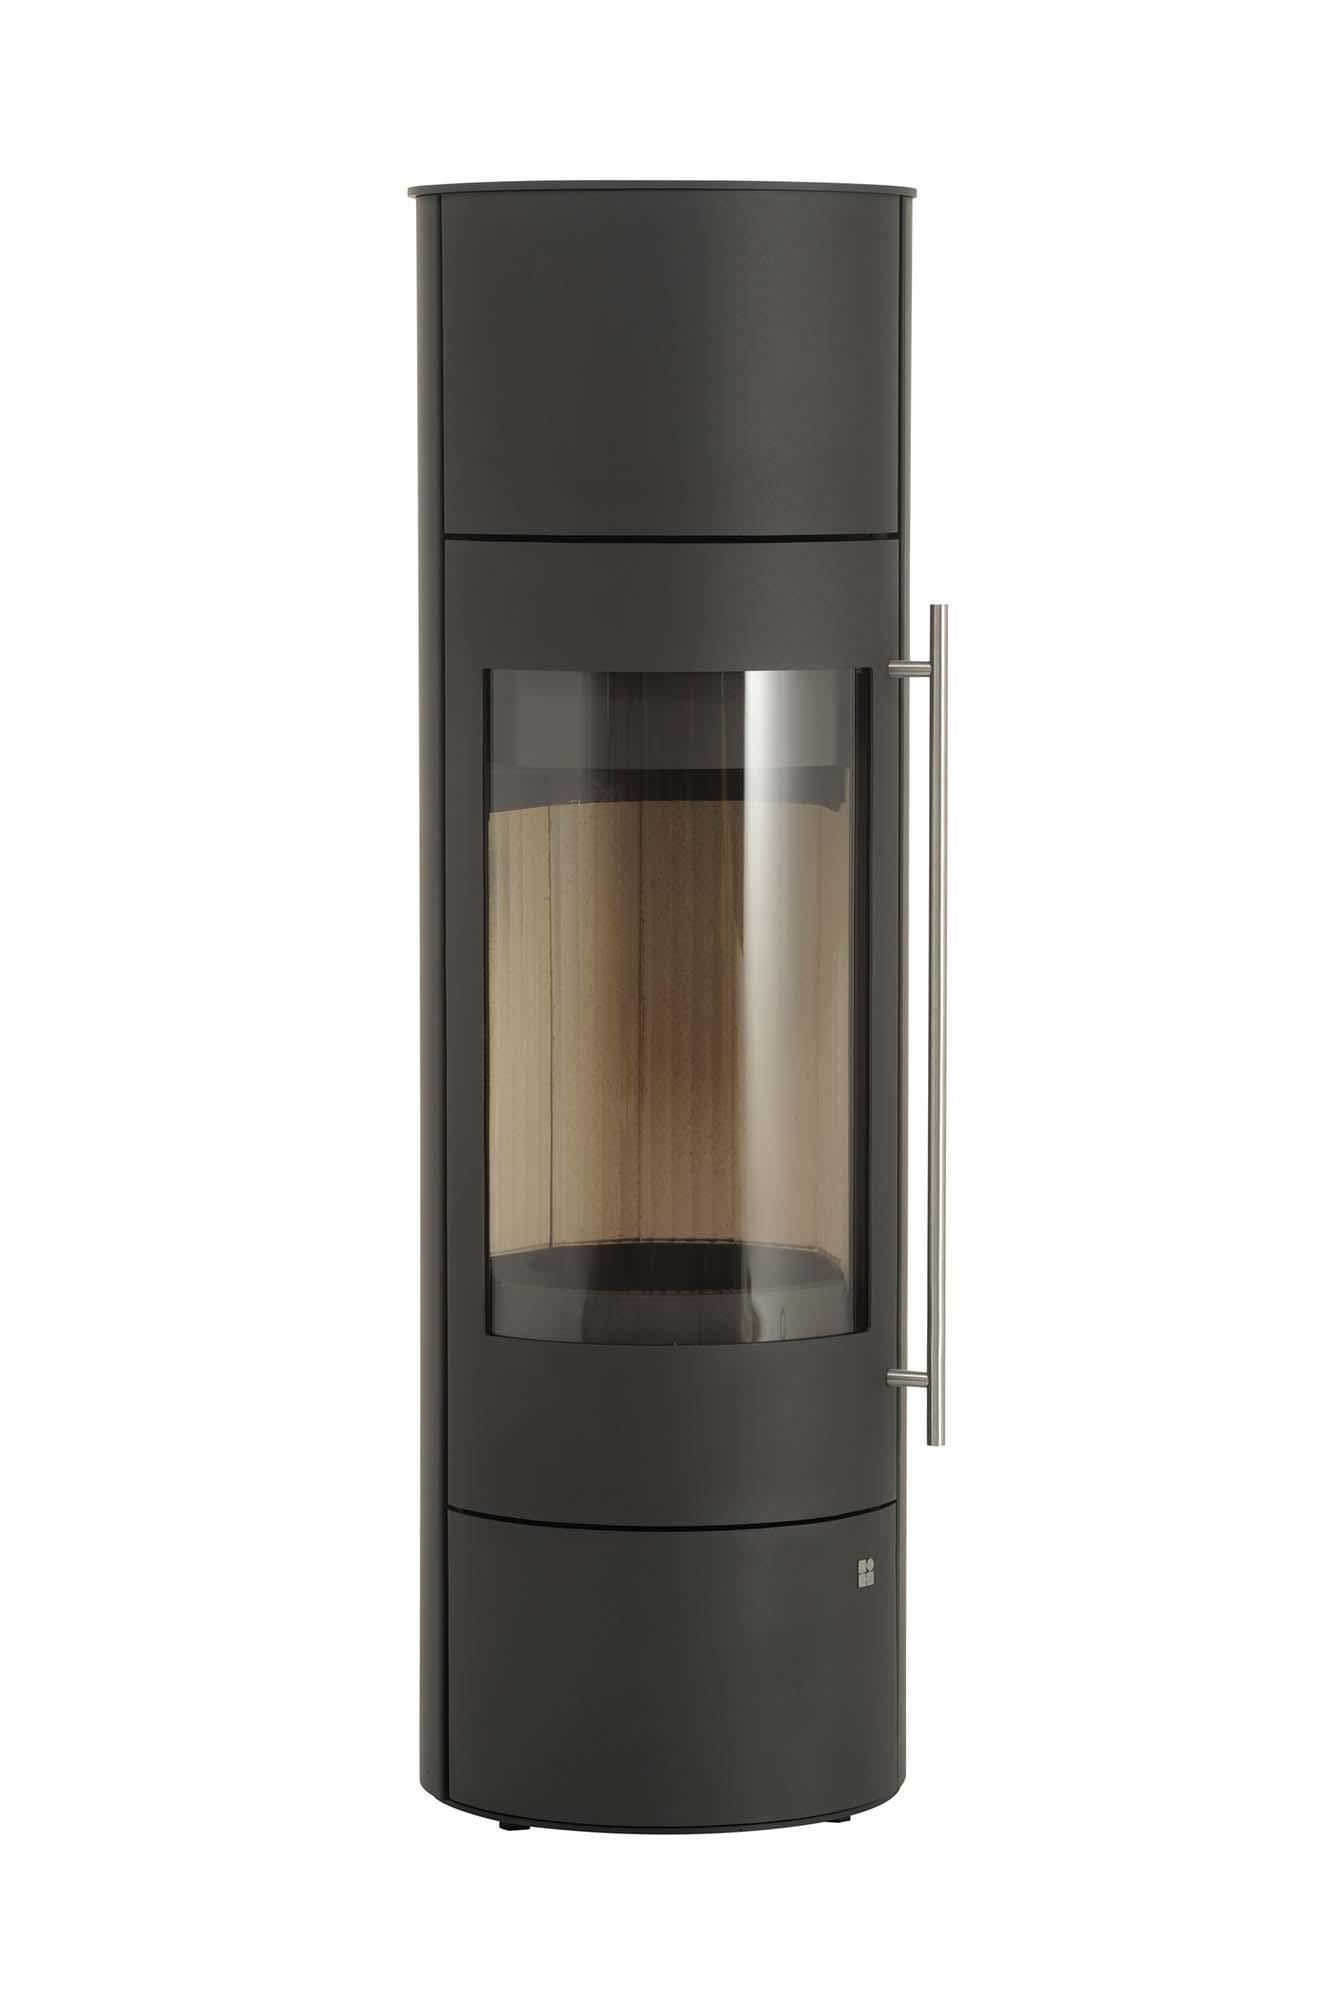 kaminofen olsberg palena powerbloc compact 5 kw kaufen cafiro